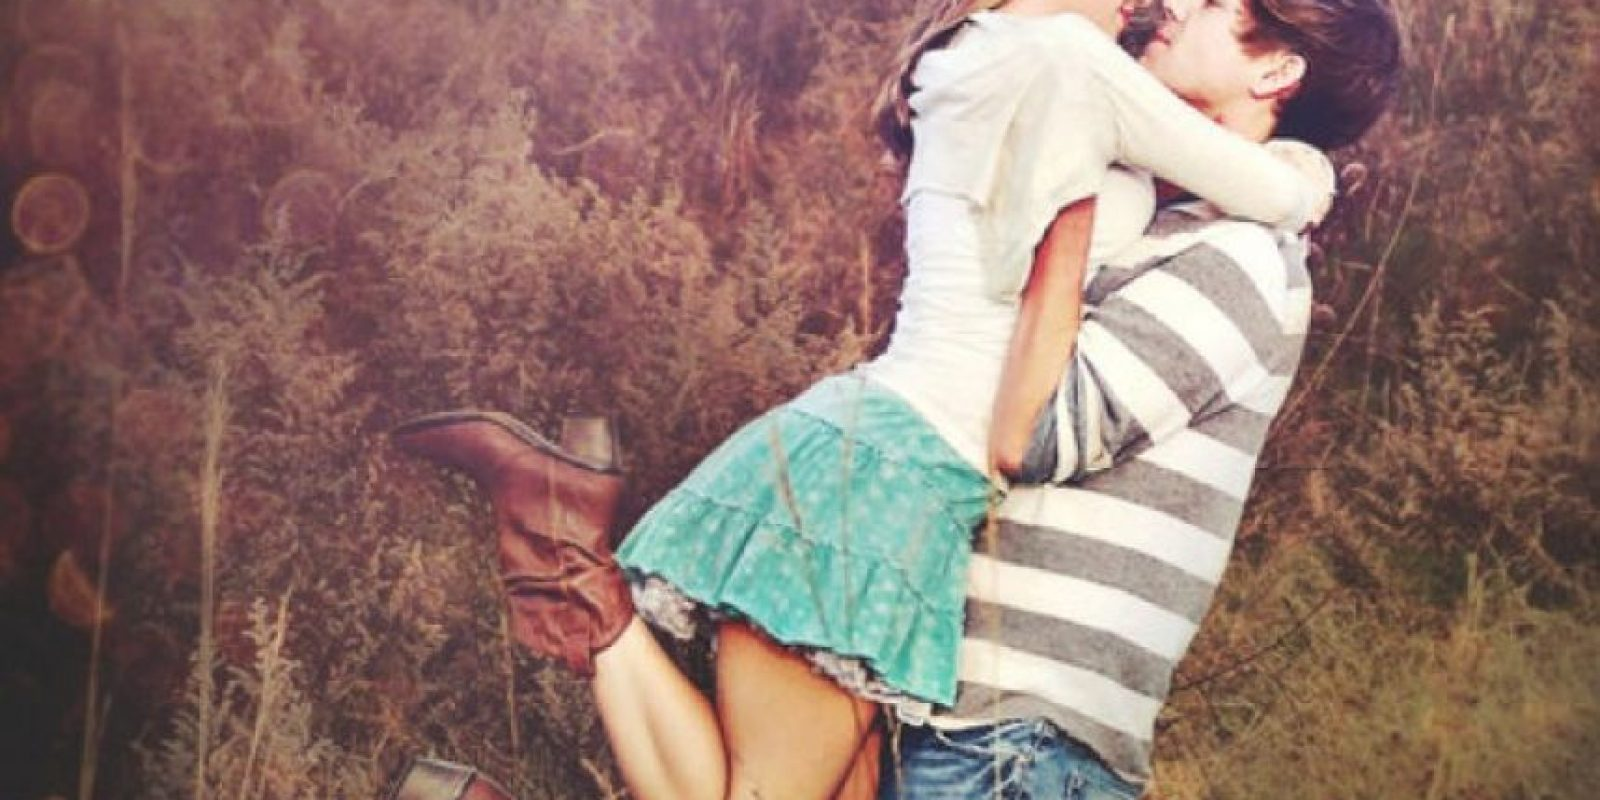 14. Les molesta cuando sale a divertirse con amigos o amigas. Foto:Tumblr.com/tagged-pareja-cursi